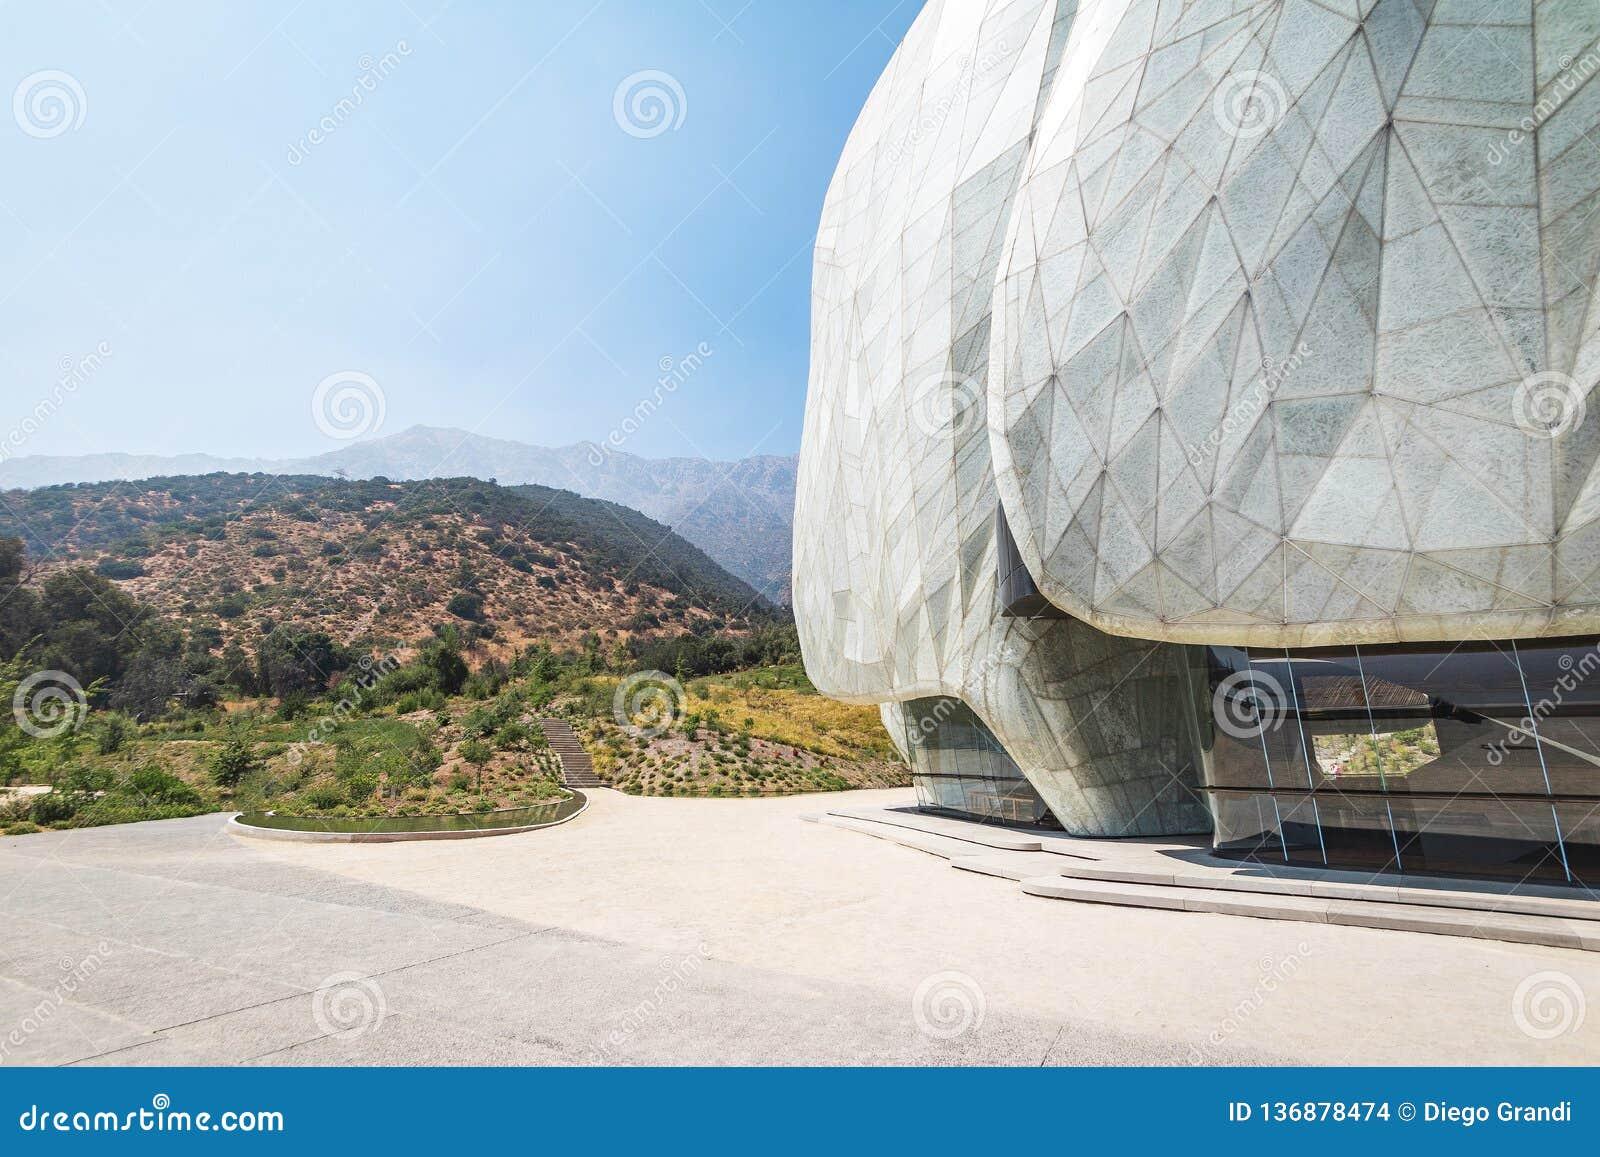 Bahaihuis van Vereringstempel en de Bergen van de Andes - Santiago, Chili